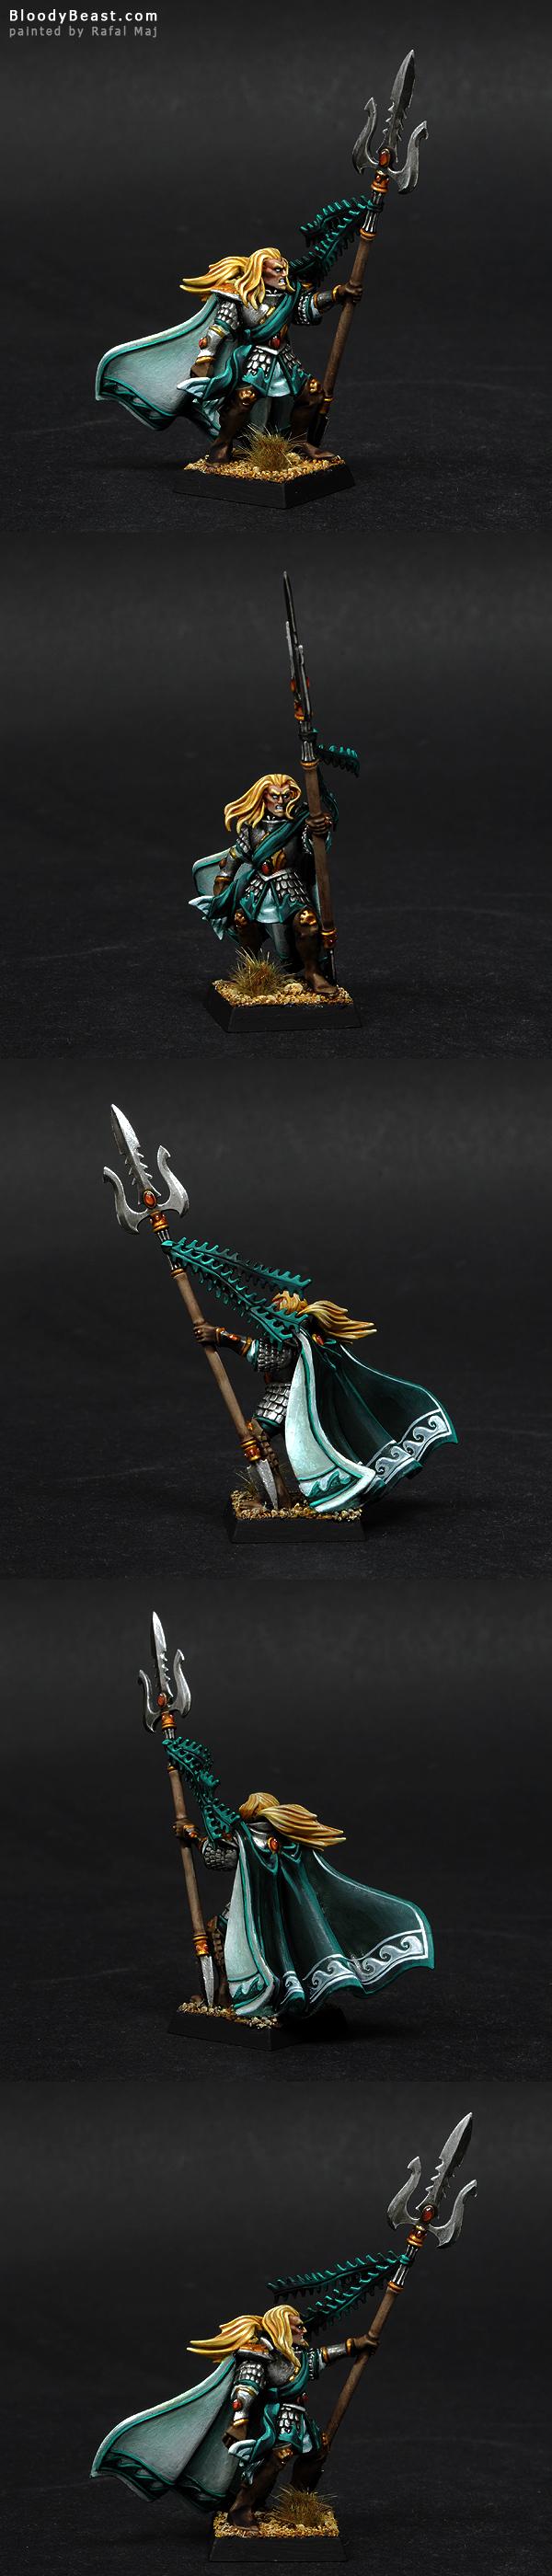 High Elves Lothern Sea Helm painted by Rafal Maj (BloodyBeast.com)